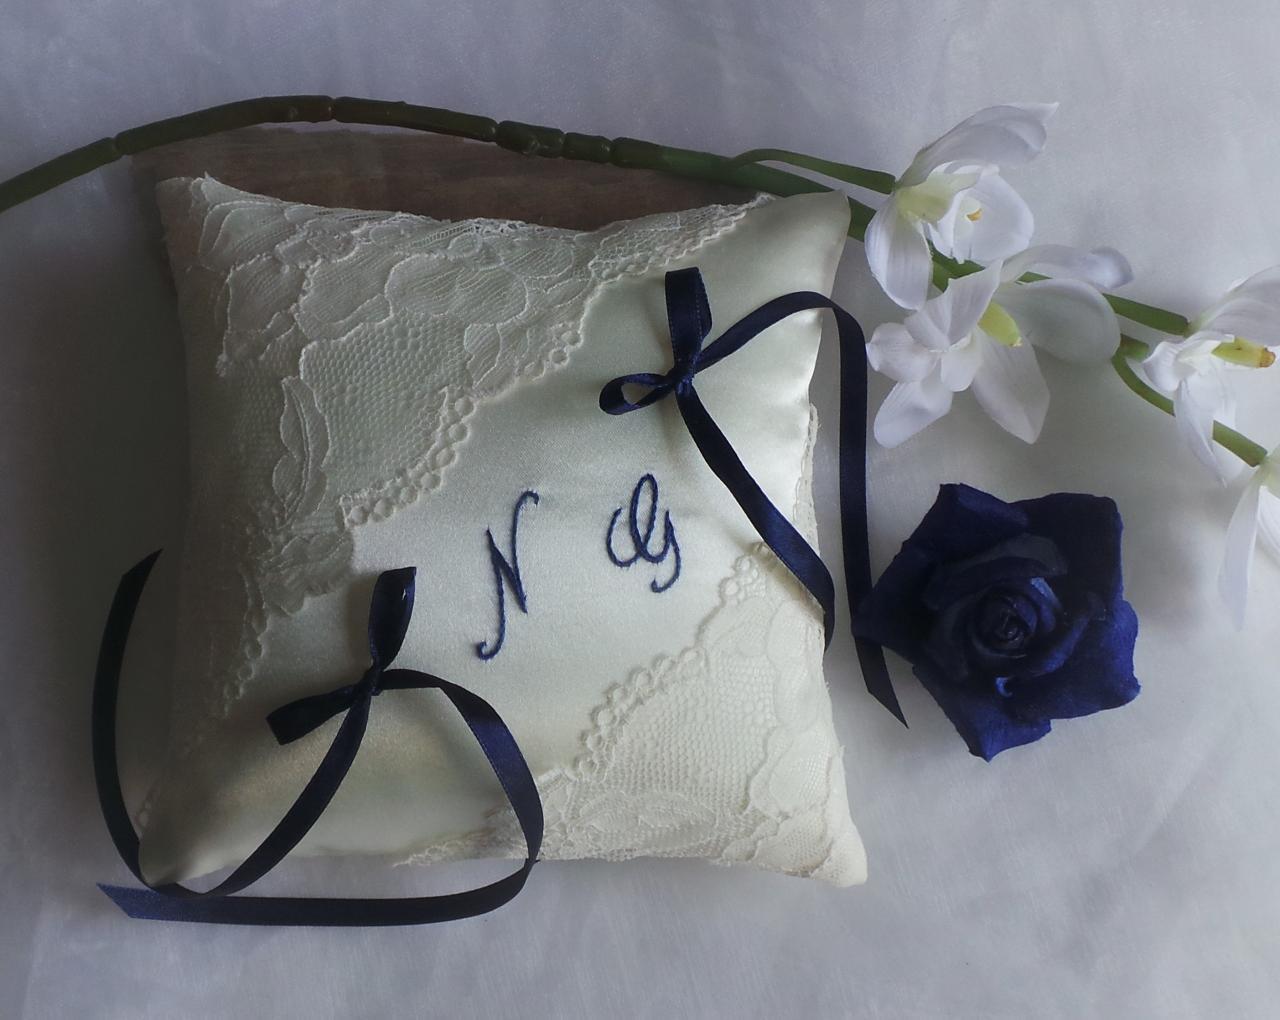 Coussin alliance bleu marine nuit chic dentelle ivoire ou blanc